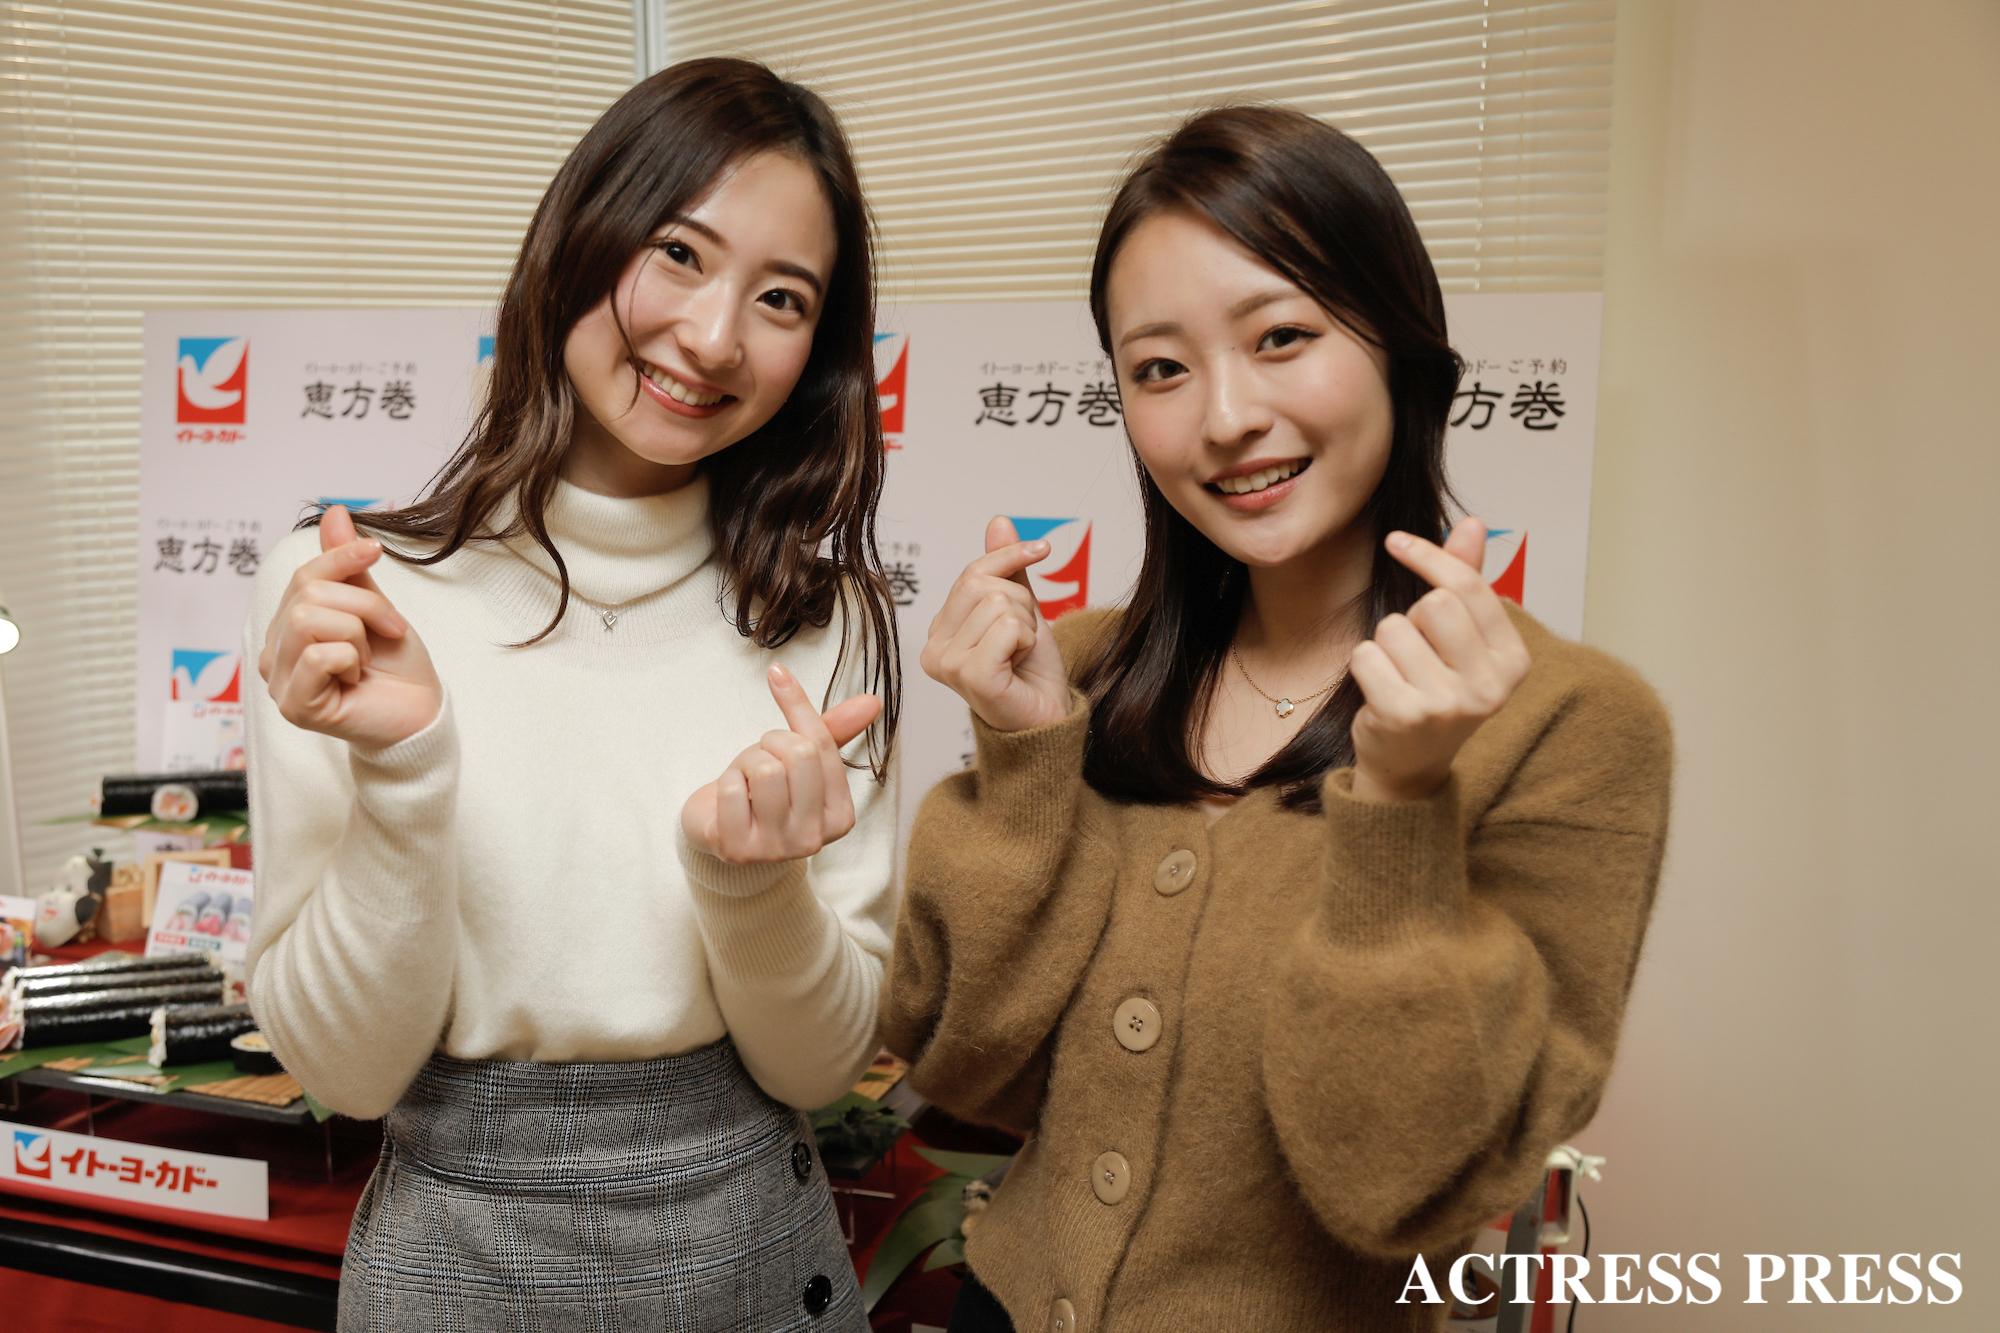 左・竹内彩花、右・赤木希/2020年1月16日/撮影:ACTRESS PRESS編集部